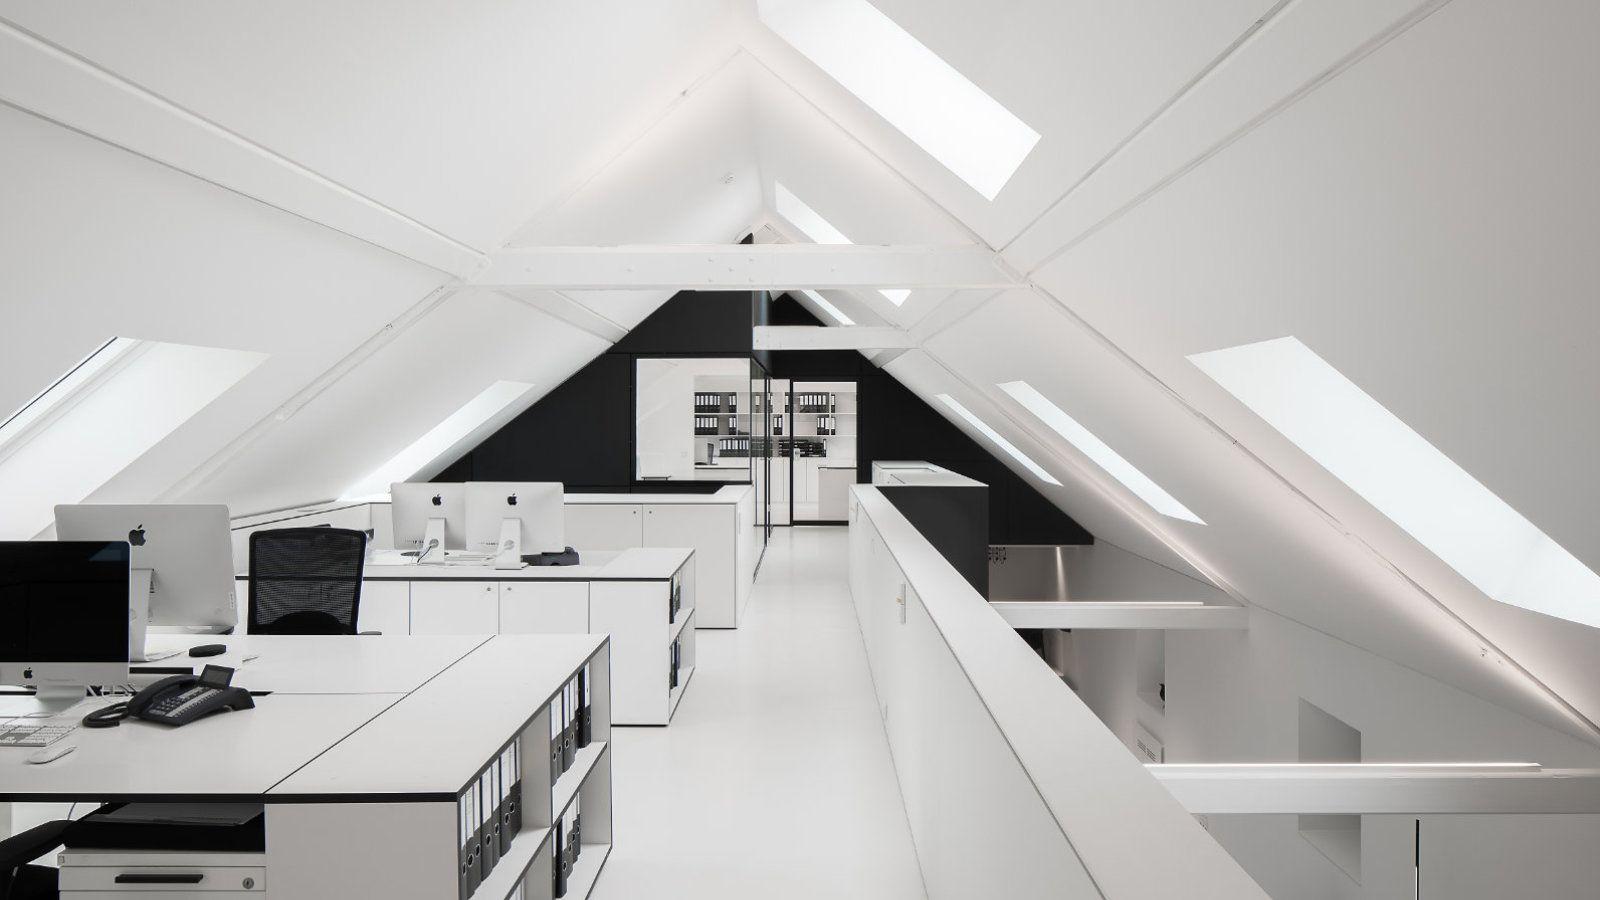 mo.studio dach arbeitsplatz büro licht oberlicht fenster weiß